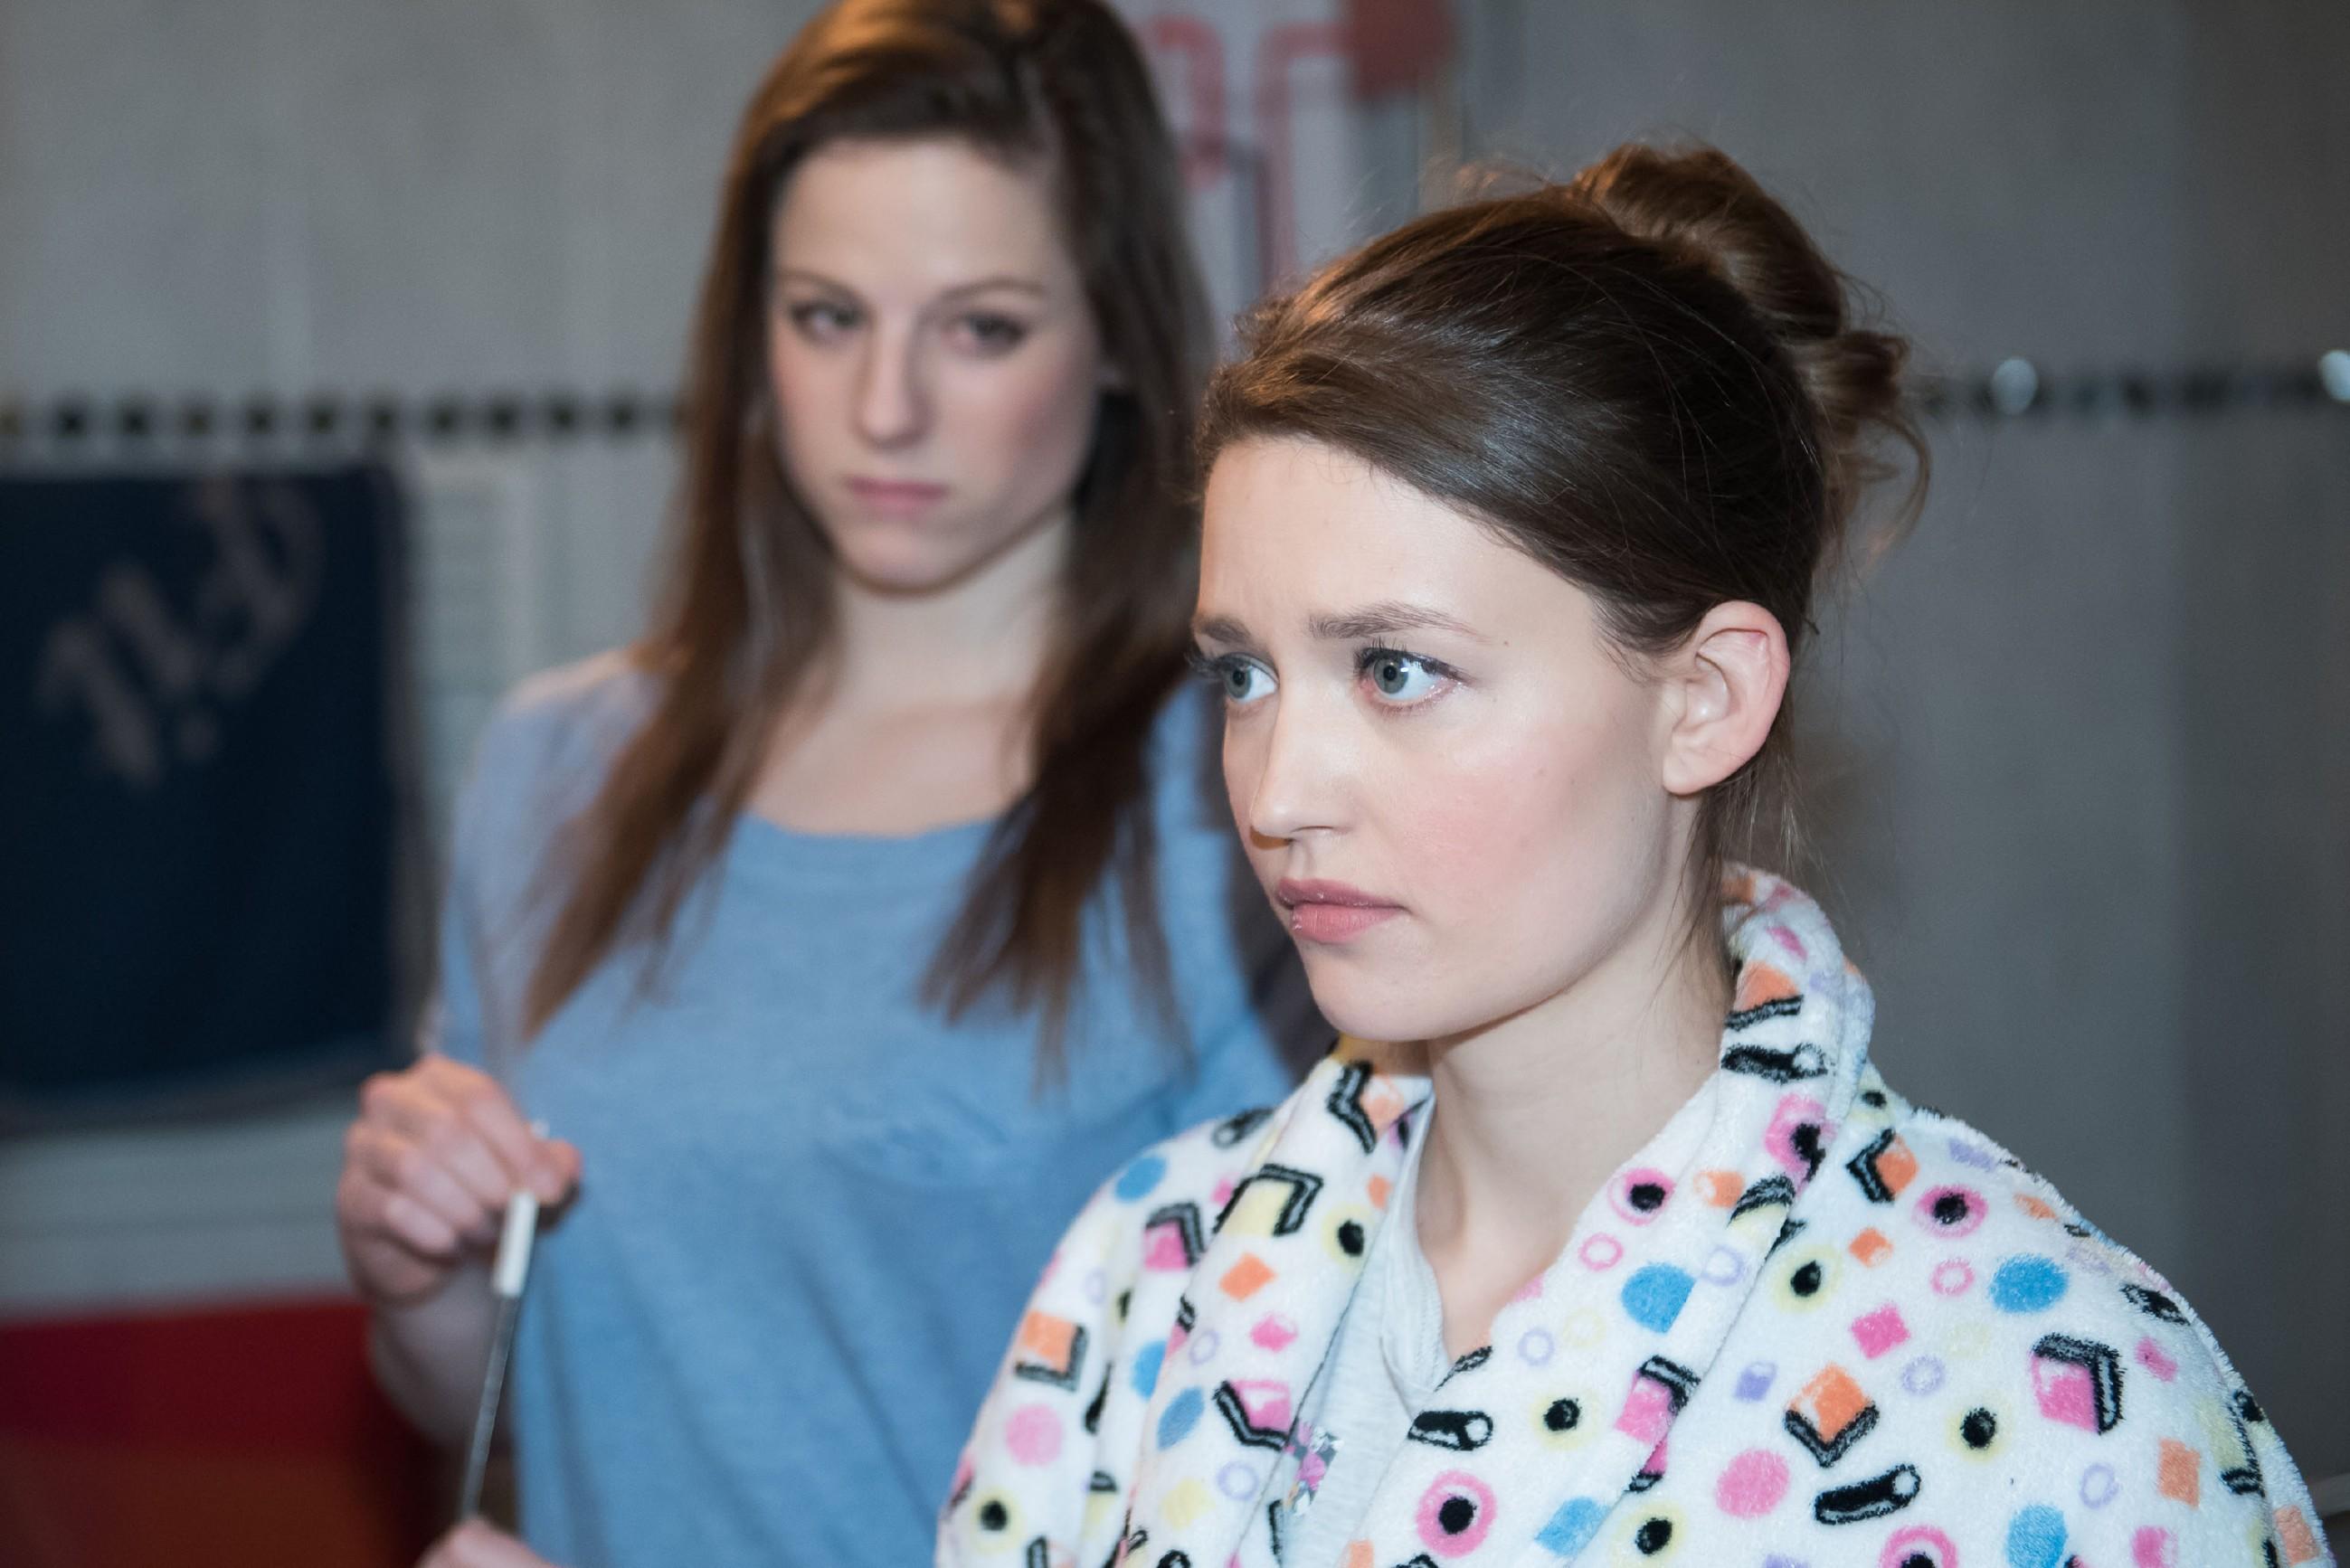 Jule (Amrei Haardt, r.) plagt angesichts von Ellis (Nora Koppen) Frust das schlechte Gewissen. (Quelle: RTL / Stefan Behrens)